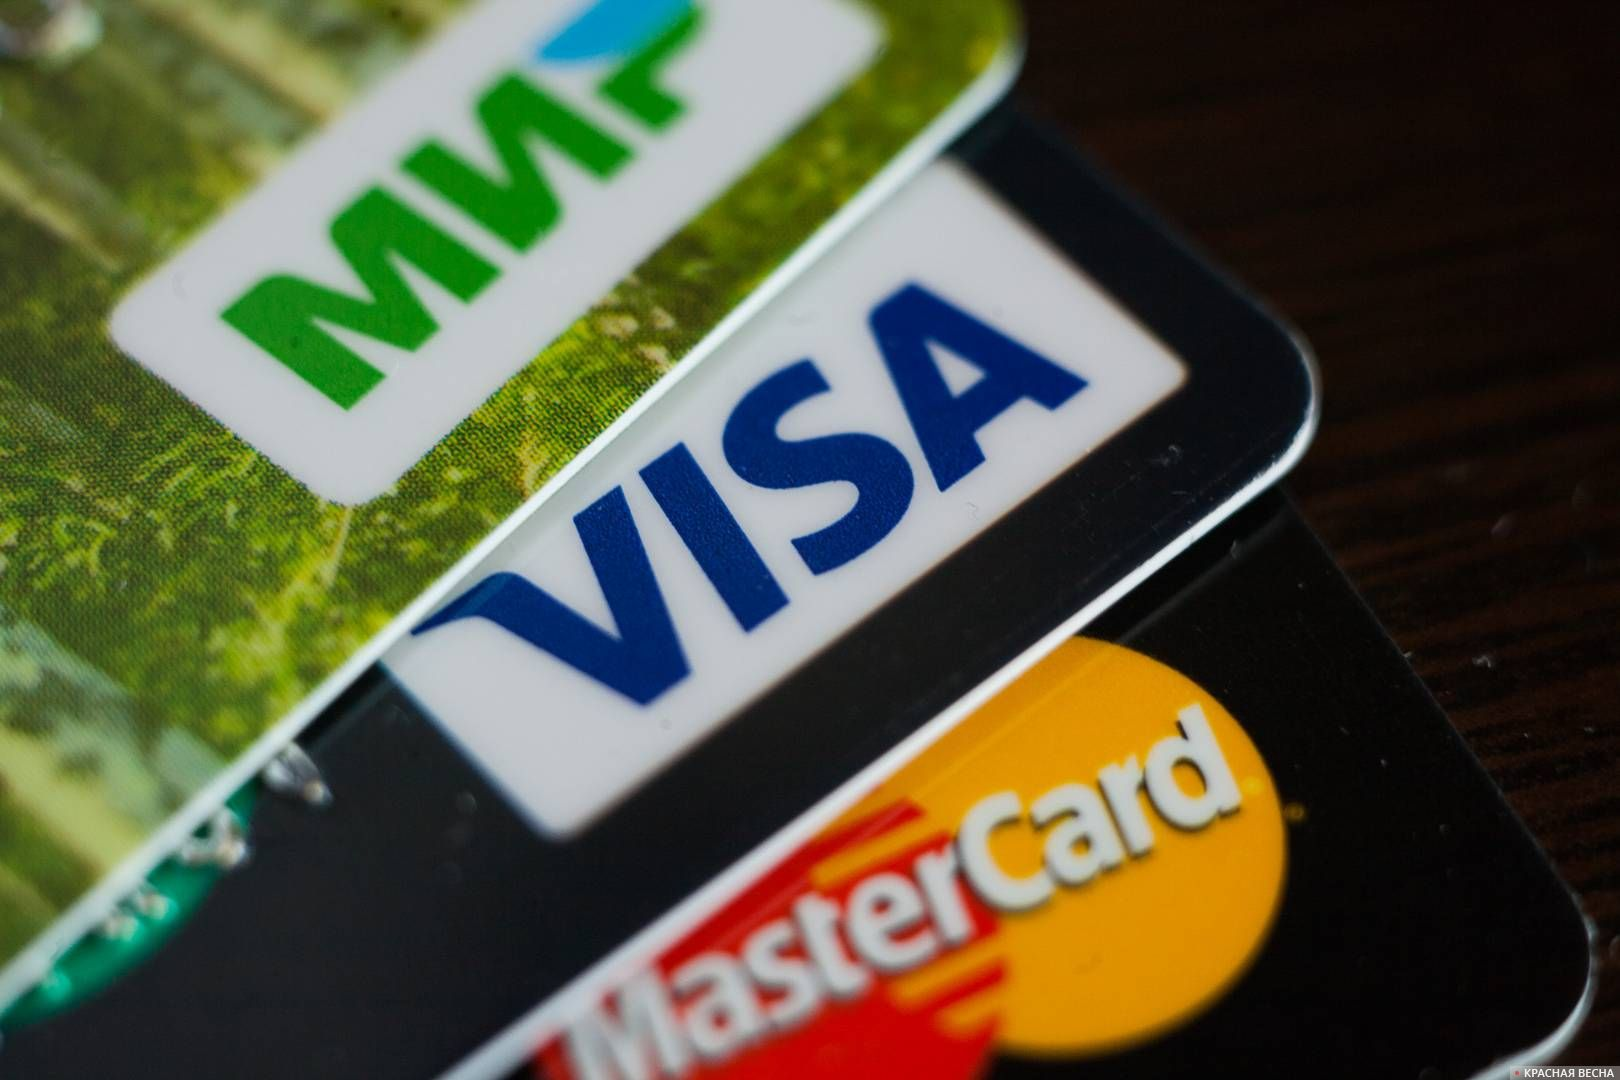 Артем Сычев: Скрытый майнинг может плохо сказаться наработе систем платежей